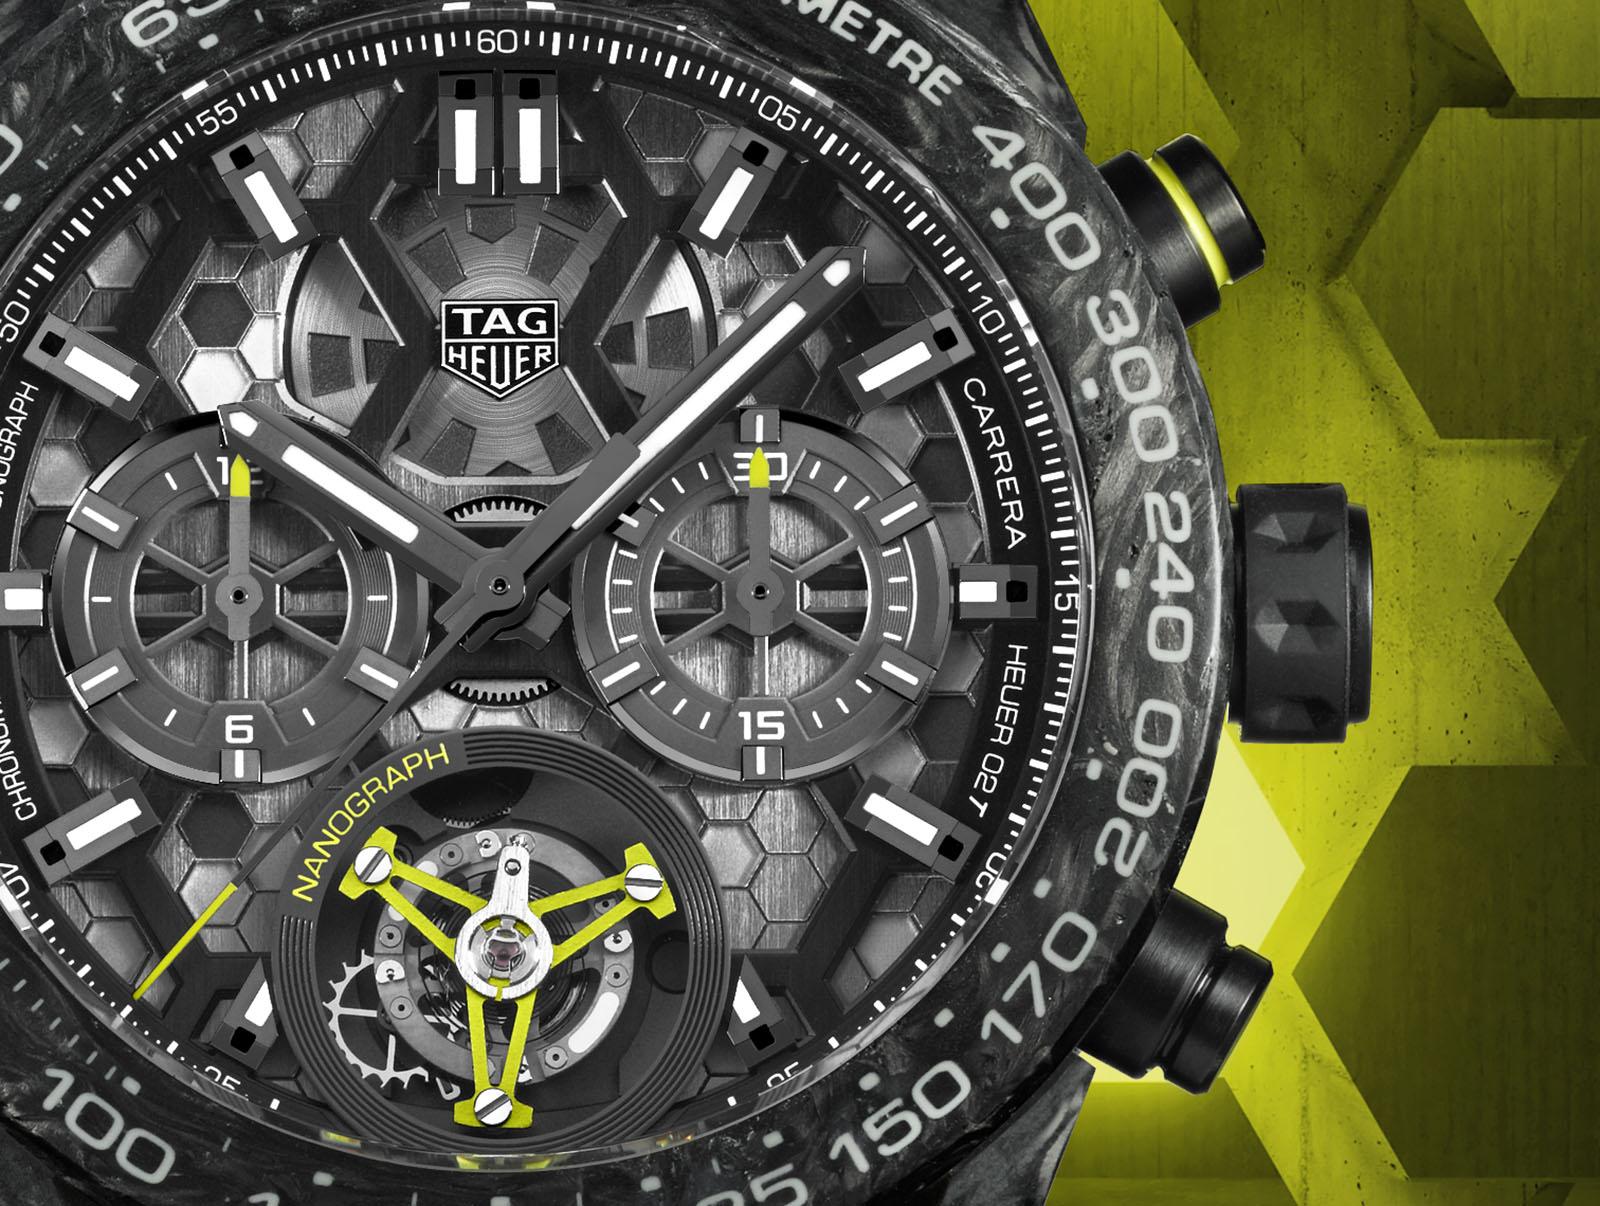 Dit zou het nieuwe Max Verstappen-horloge moeten zijn